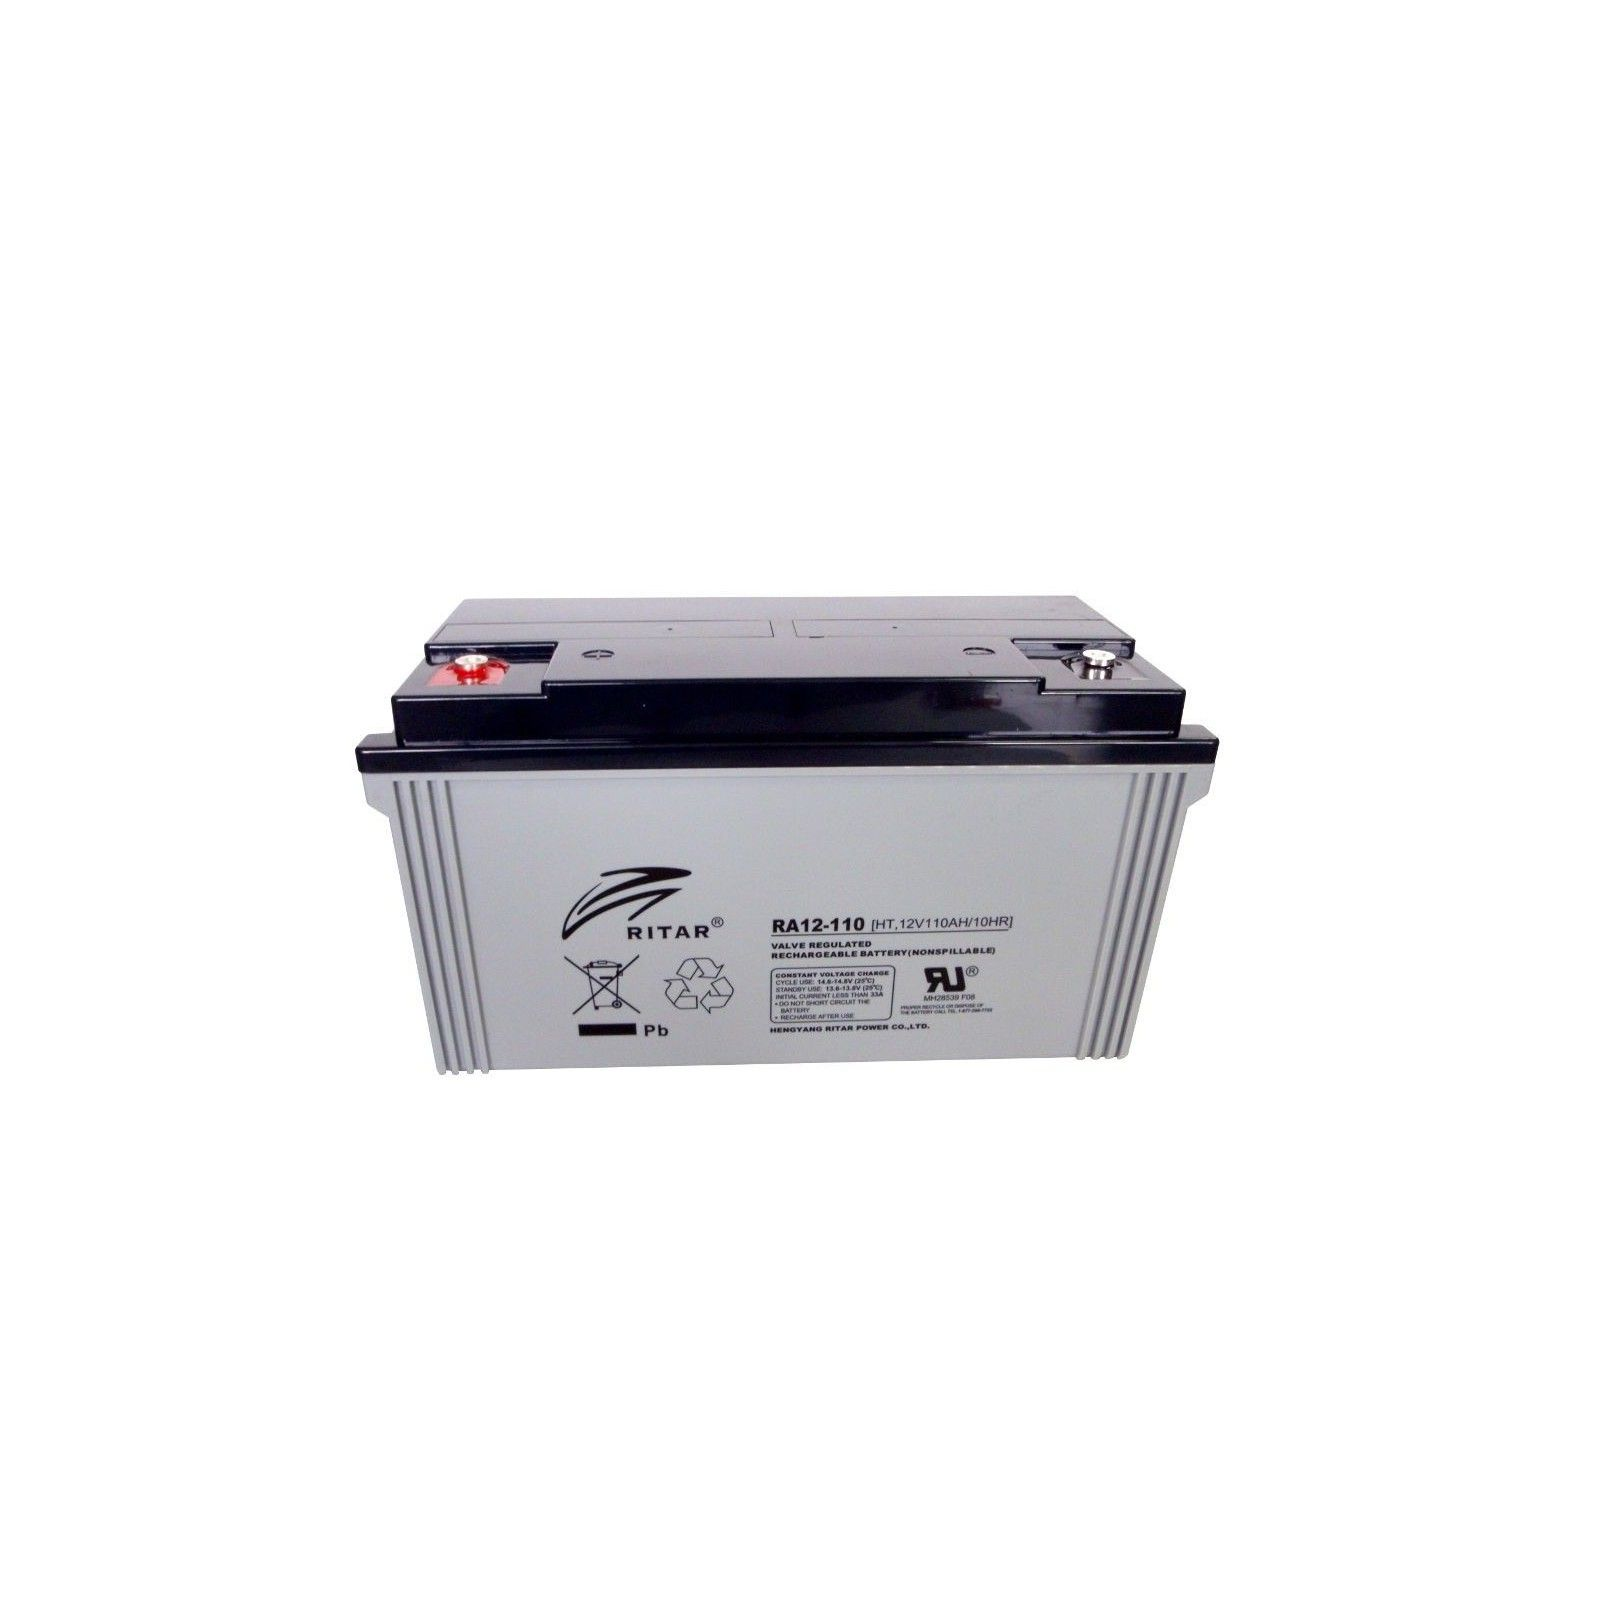 Batería Ritar HT12-130 137,4Ah 12V Ht RITAR - 1